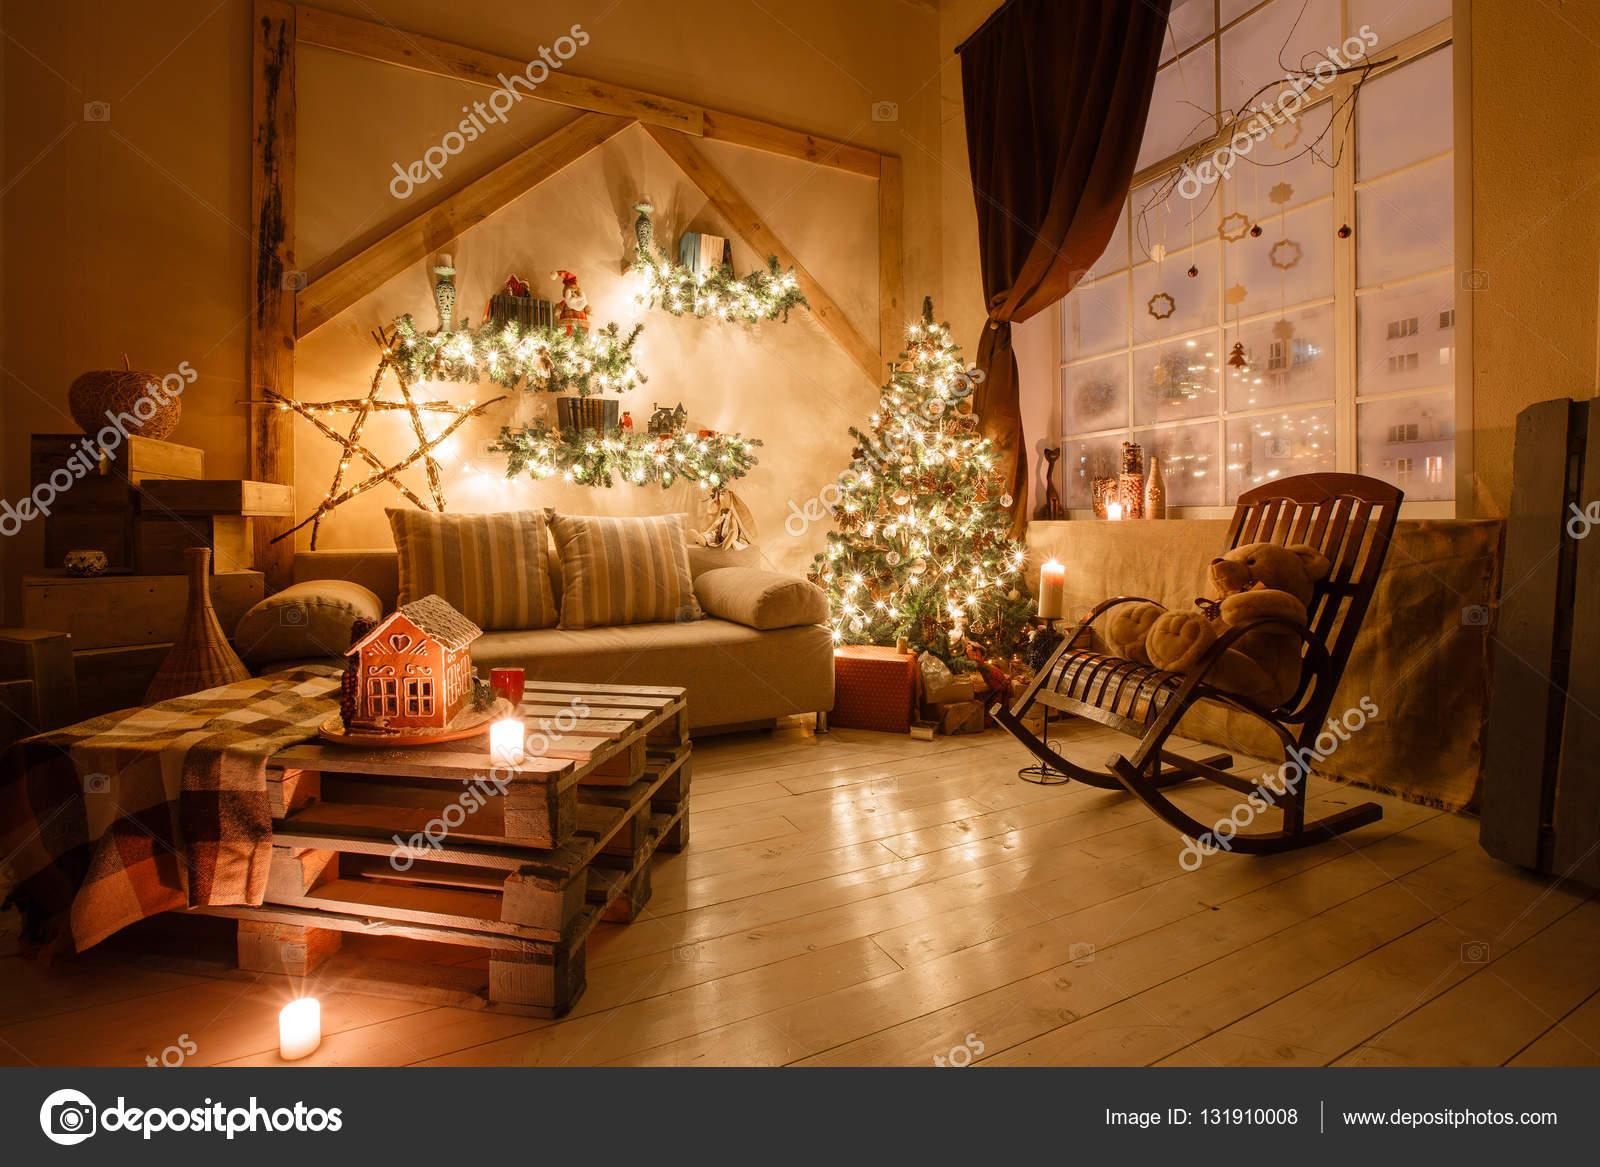 Ruhigen Bild Von Innen Moderne Heimische Wohnzimmer Dekoriert  Weihnachtsbaum Und Geschenke, Sofa, Tisch Mit Decke Bedeckt U2014 Foto Von  MalkovKosta